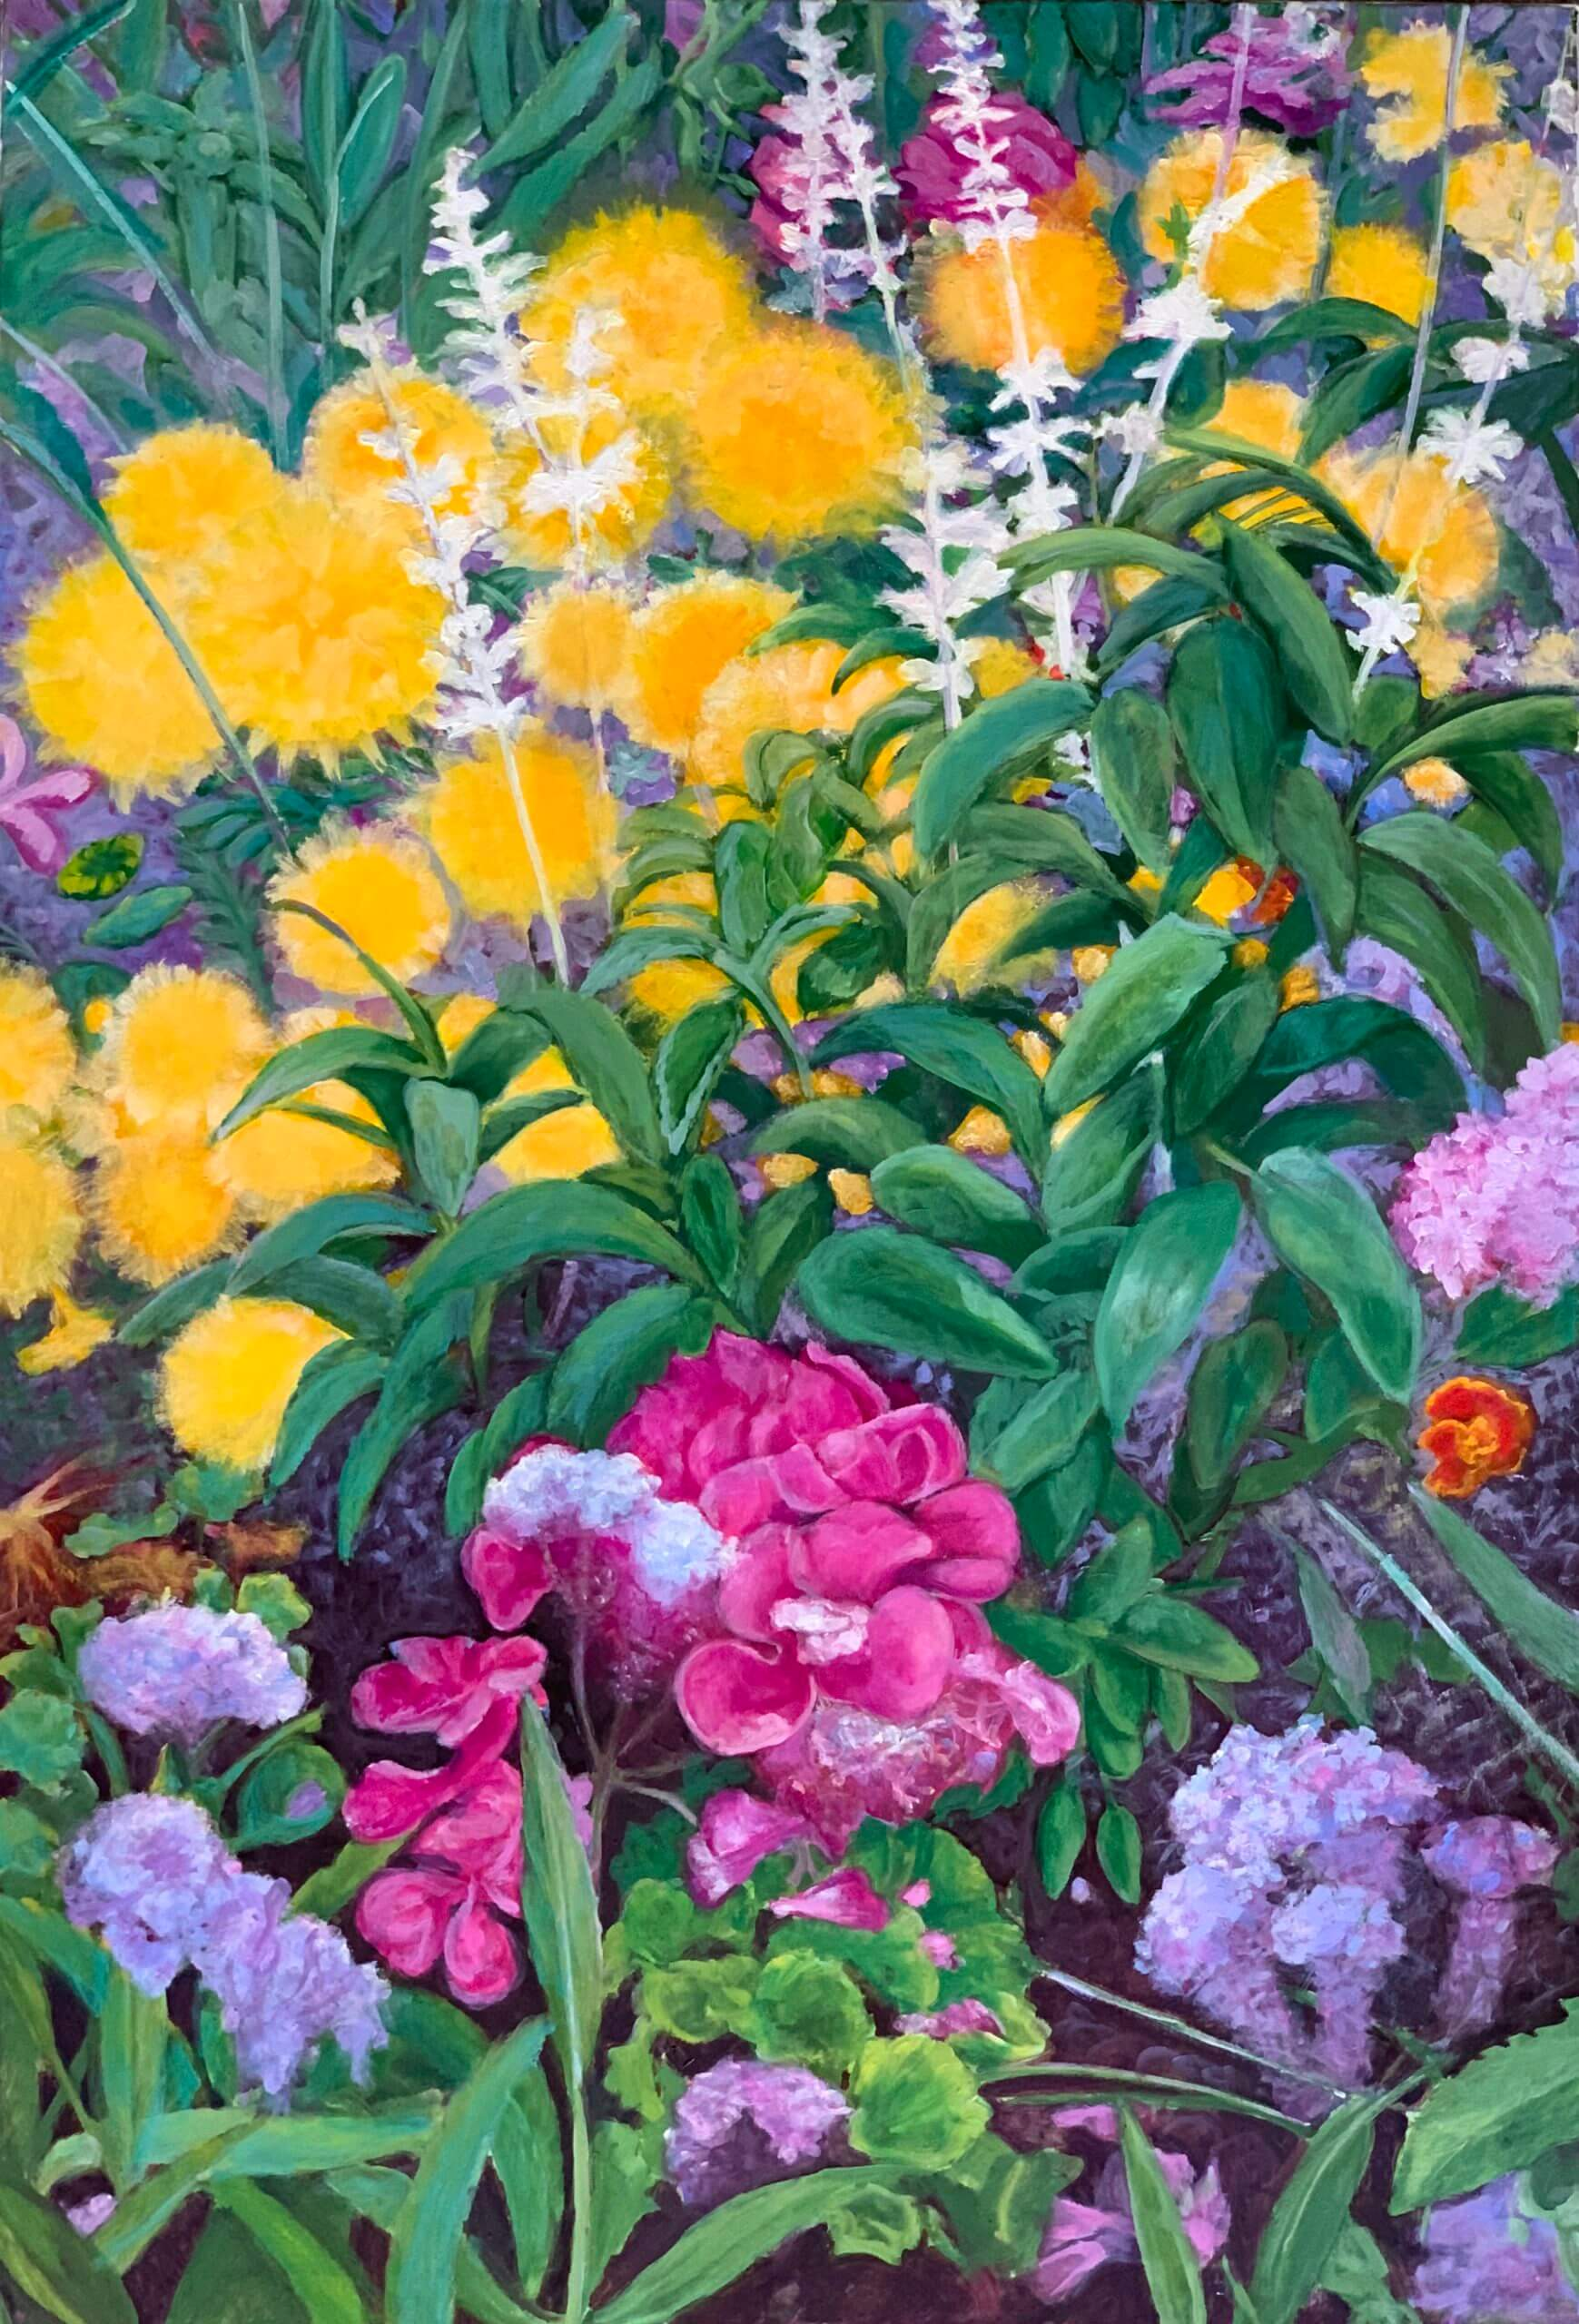 Blumenwiese, 130x90 cm, 2017, Öl auf Leinwand Tatjana Meier